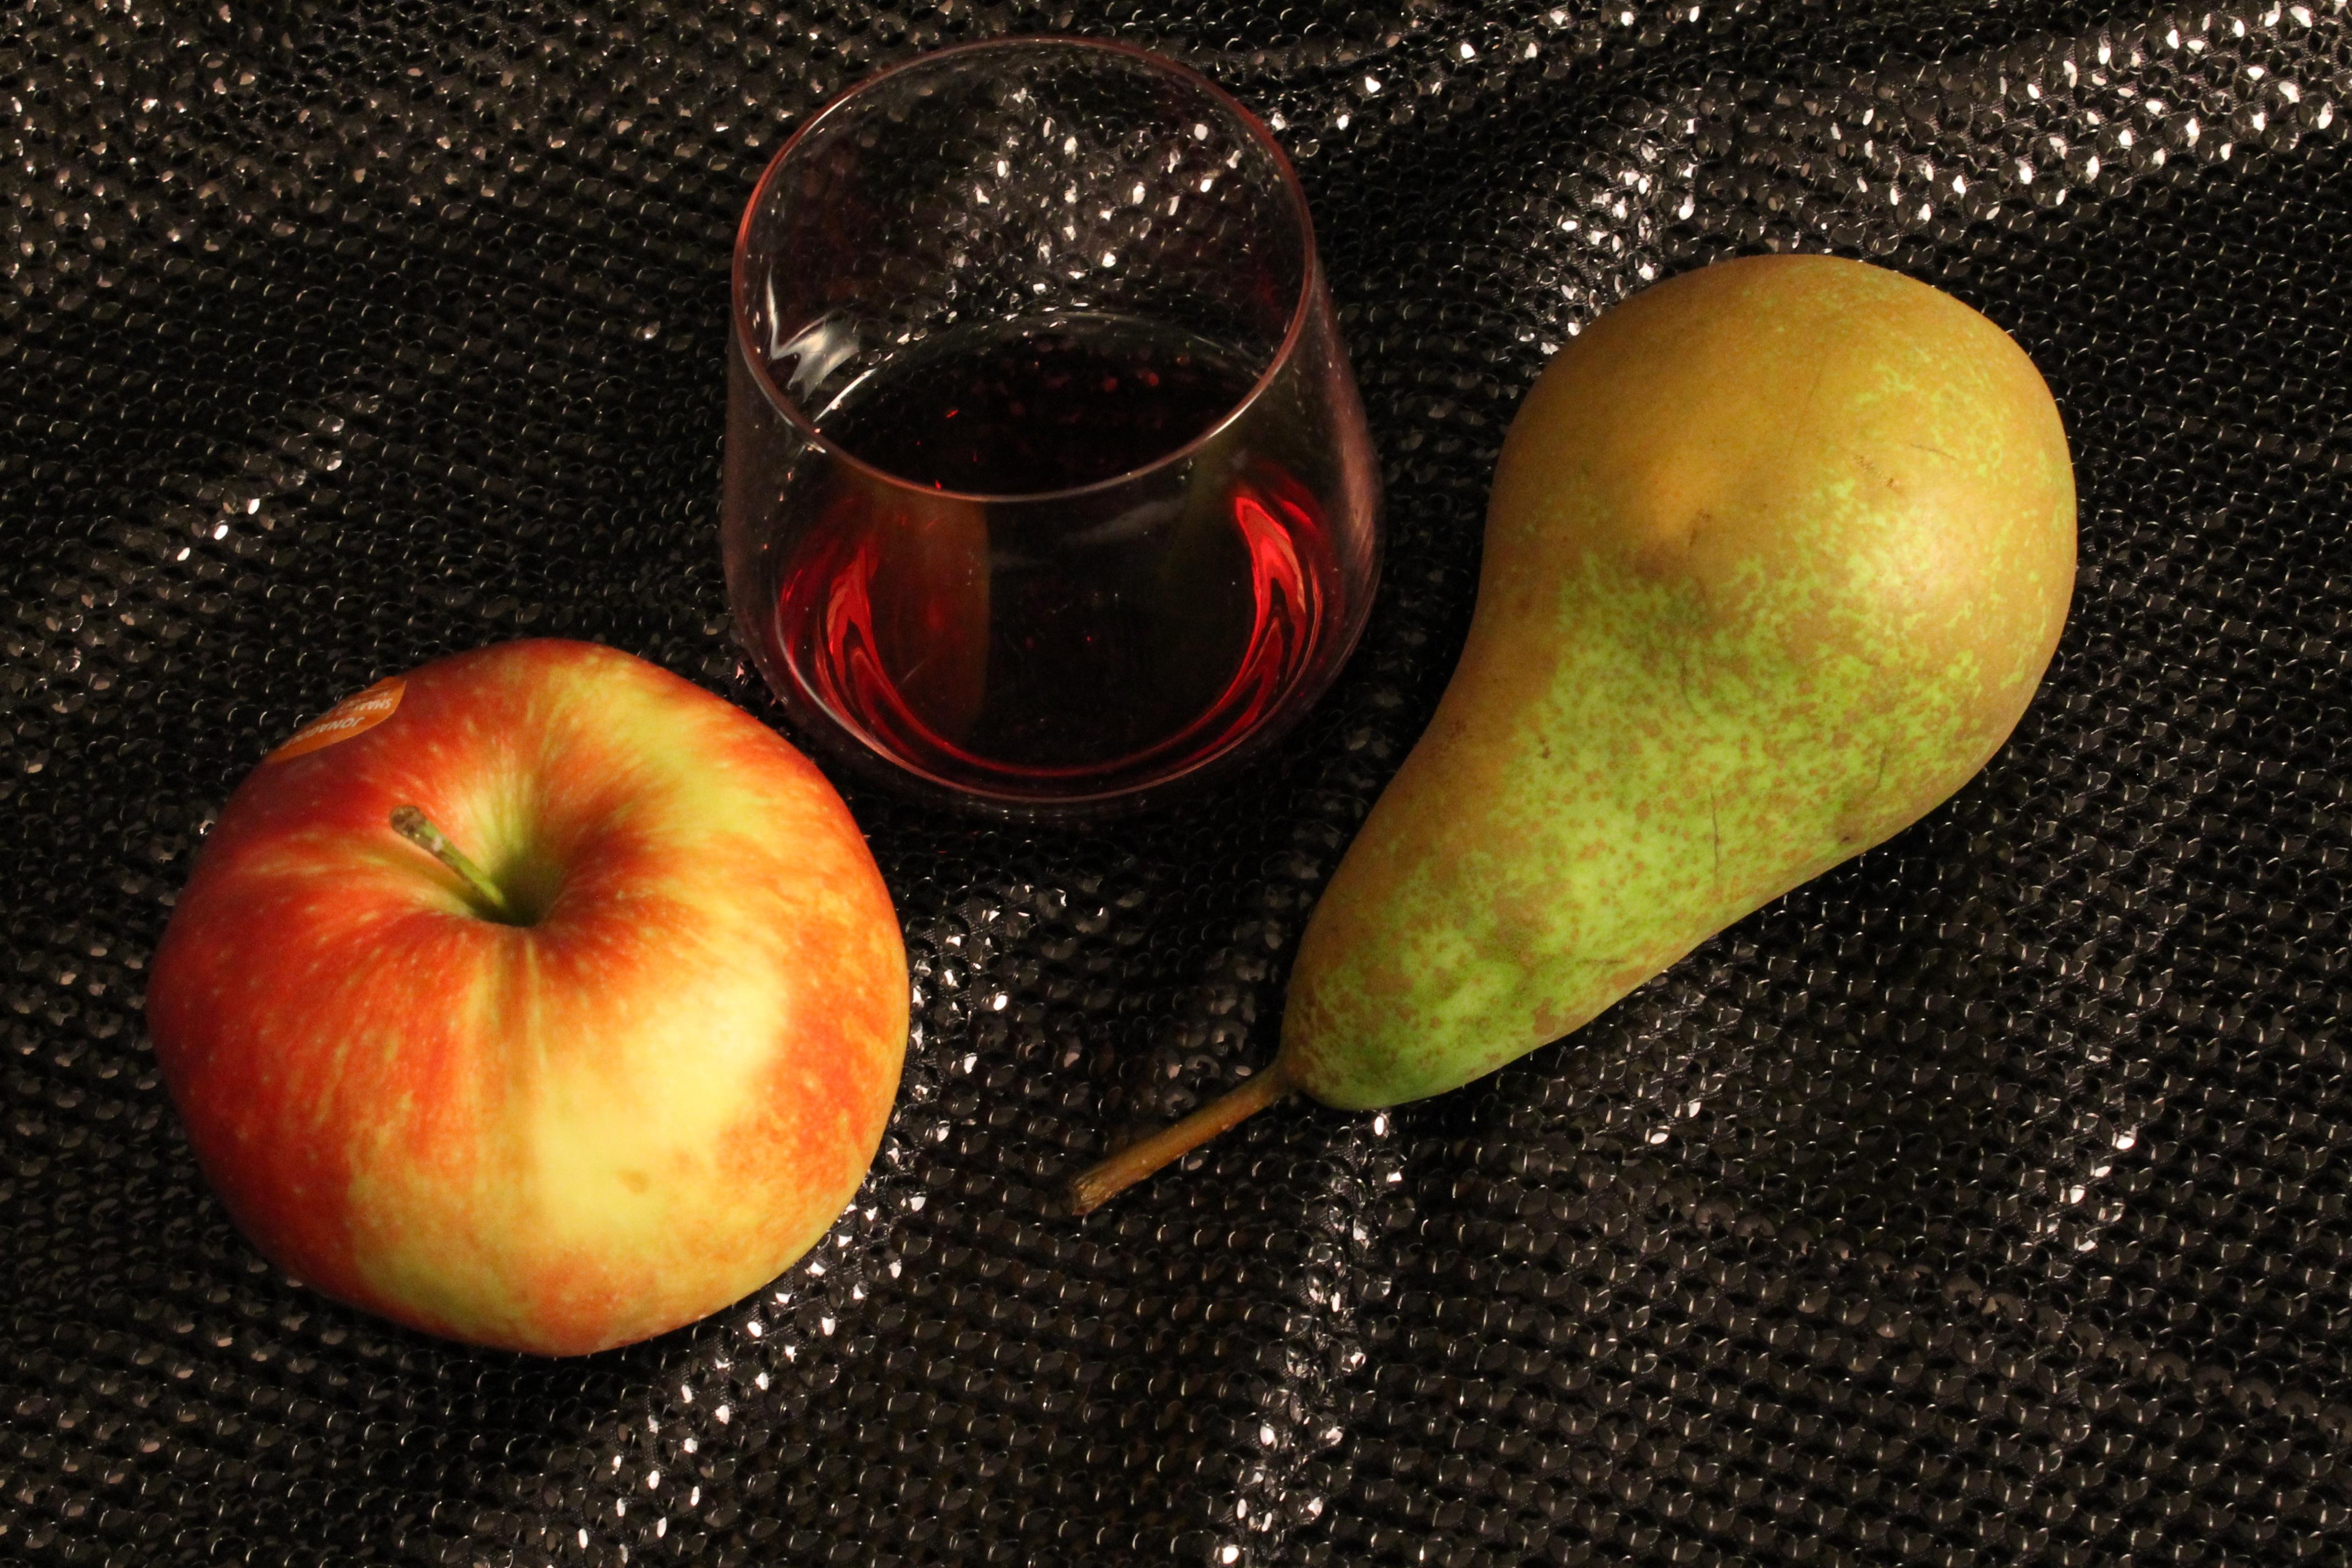 Fotoğraf Elma Meyve Tatlı Gıda Yeşil üretmek Doğal Taze